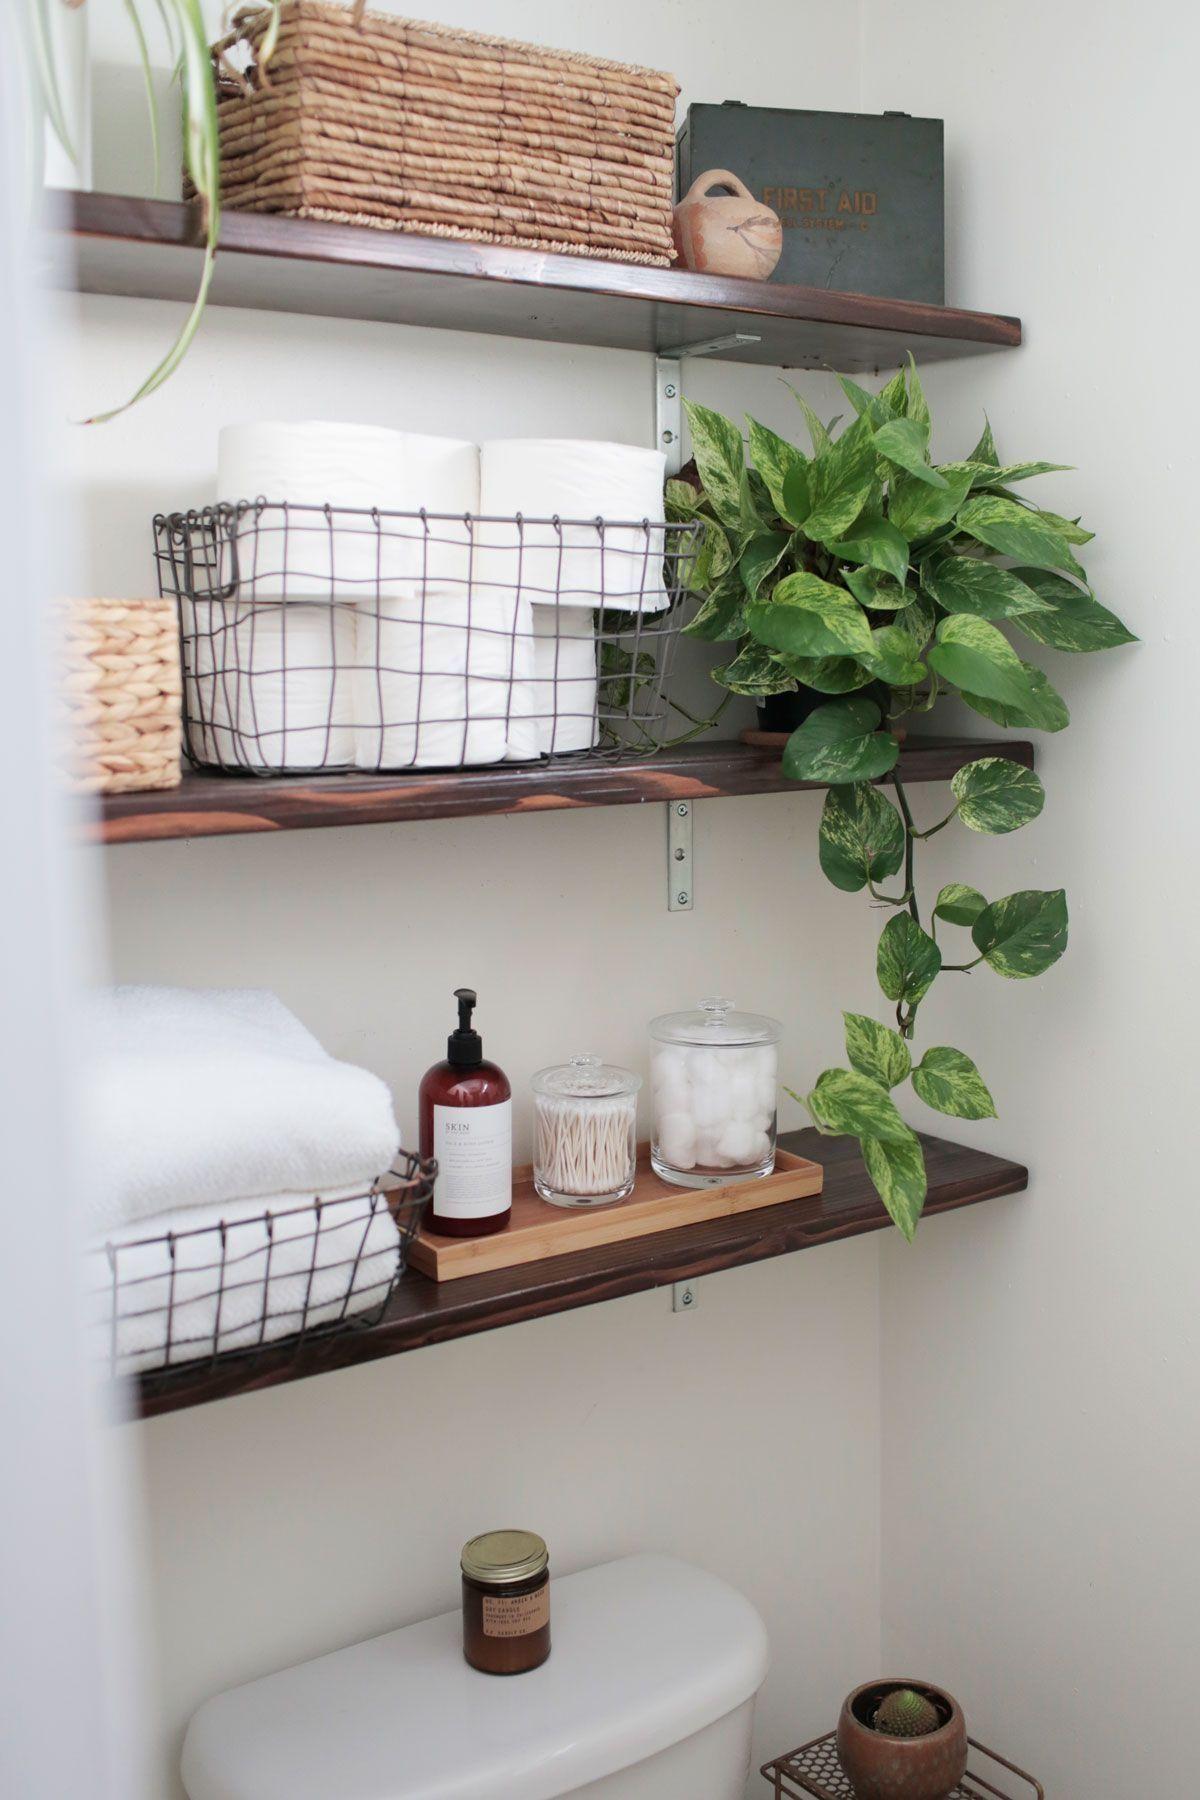 Affordable bathtub design ideas for classy bathroom 34